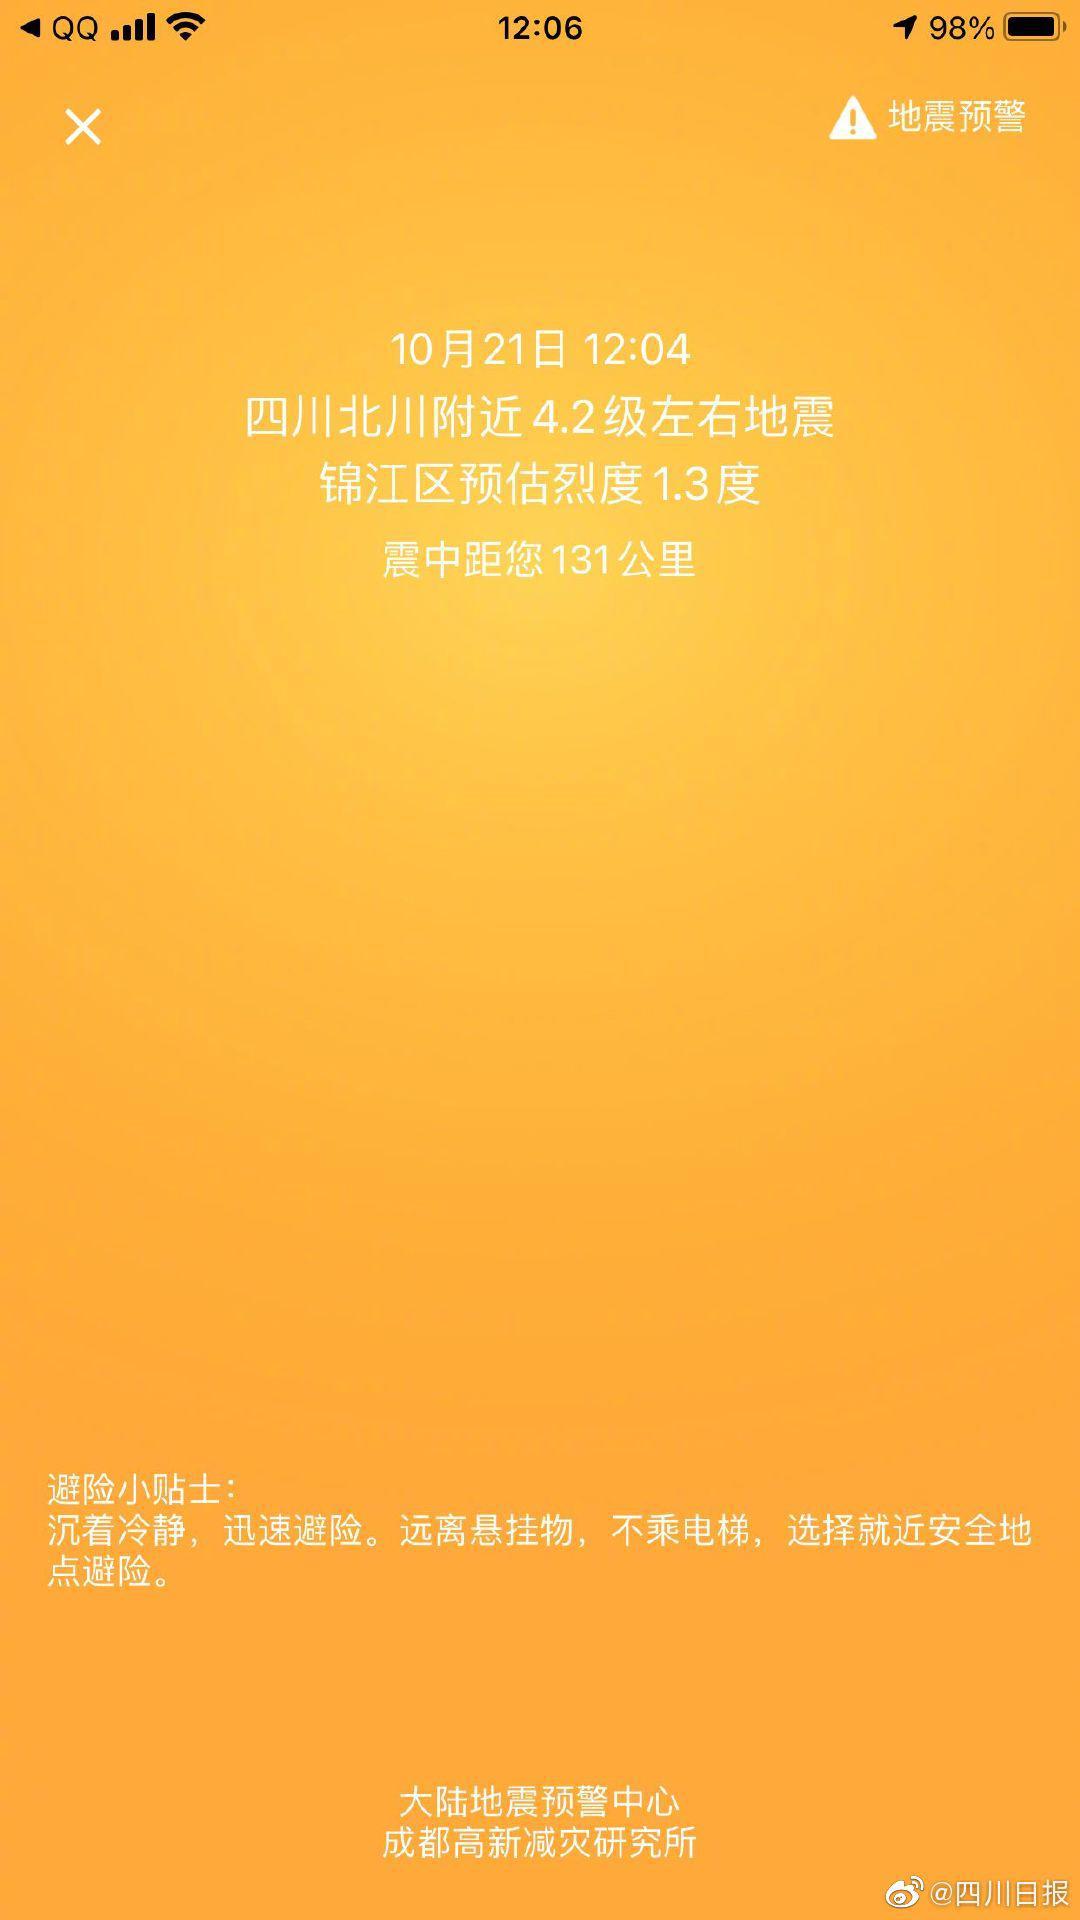 四川绵阳市北川县发生4.2级左右地震图片